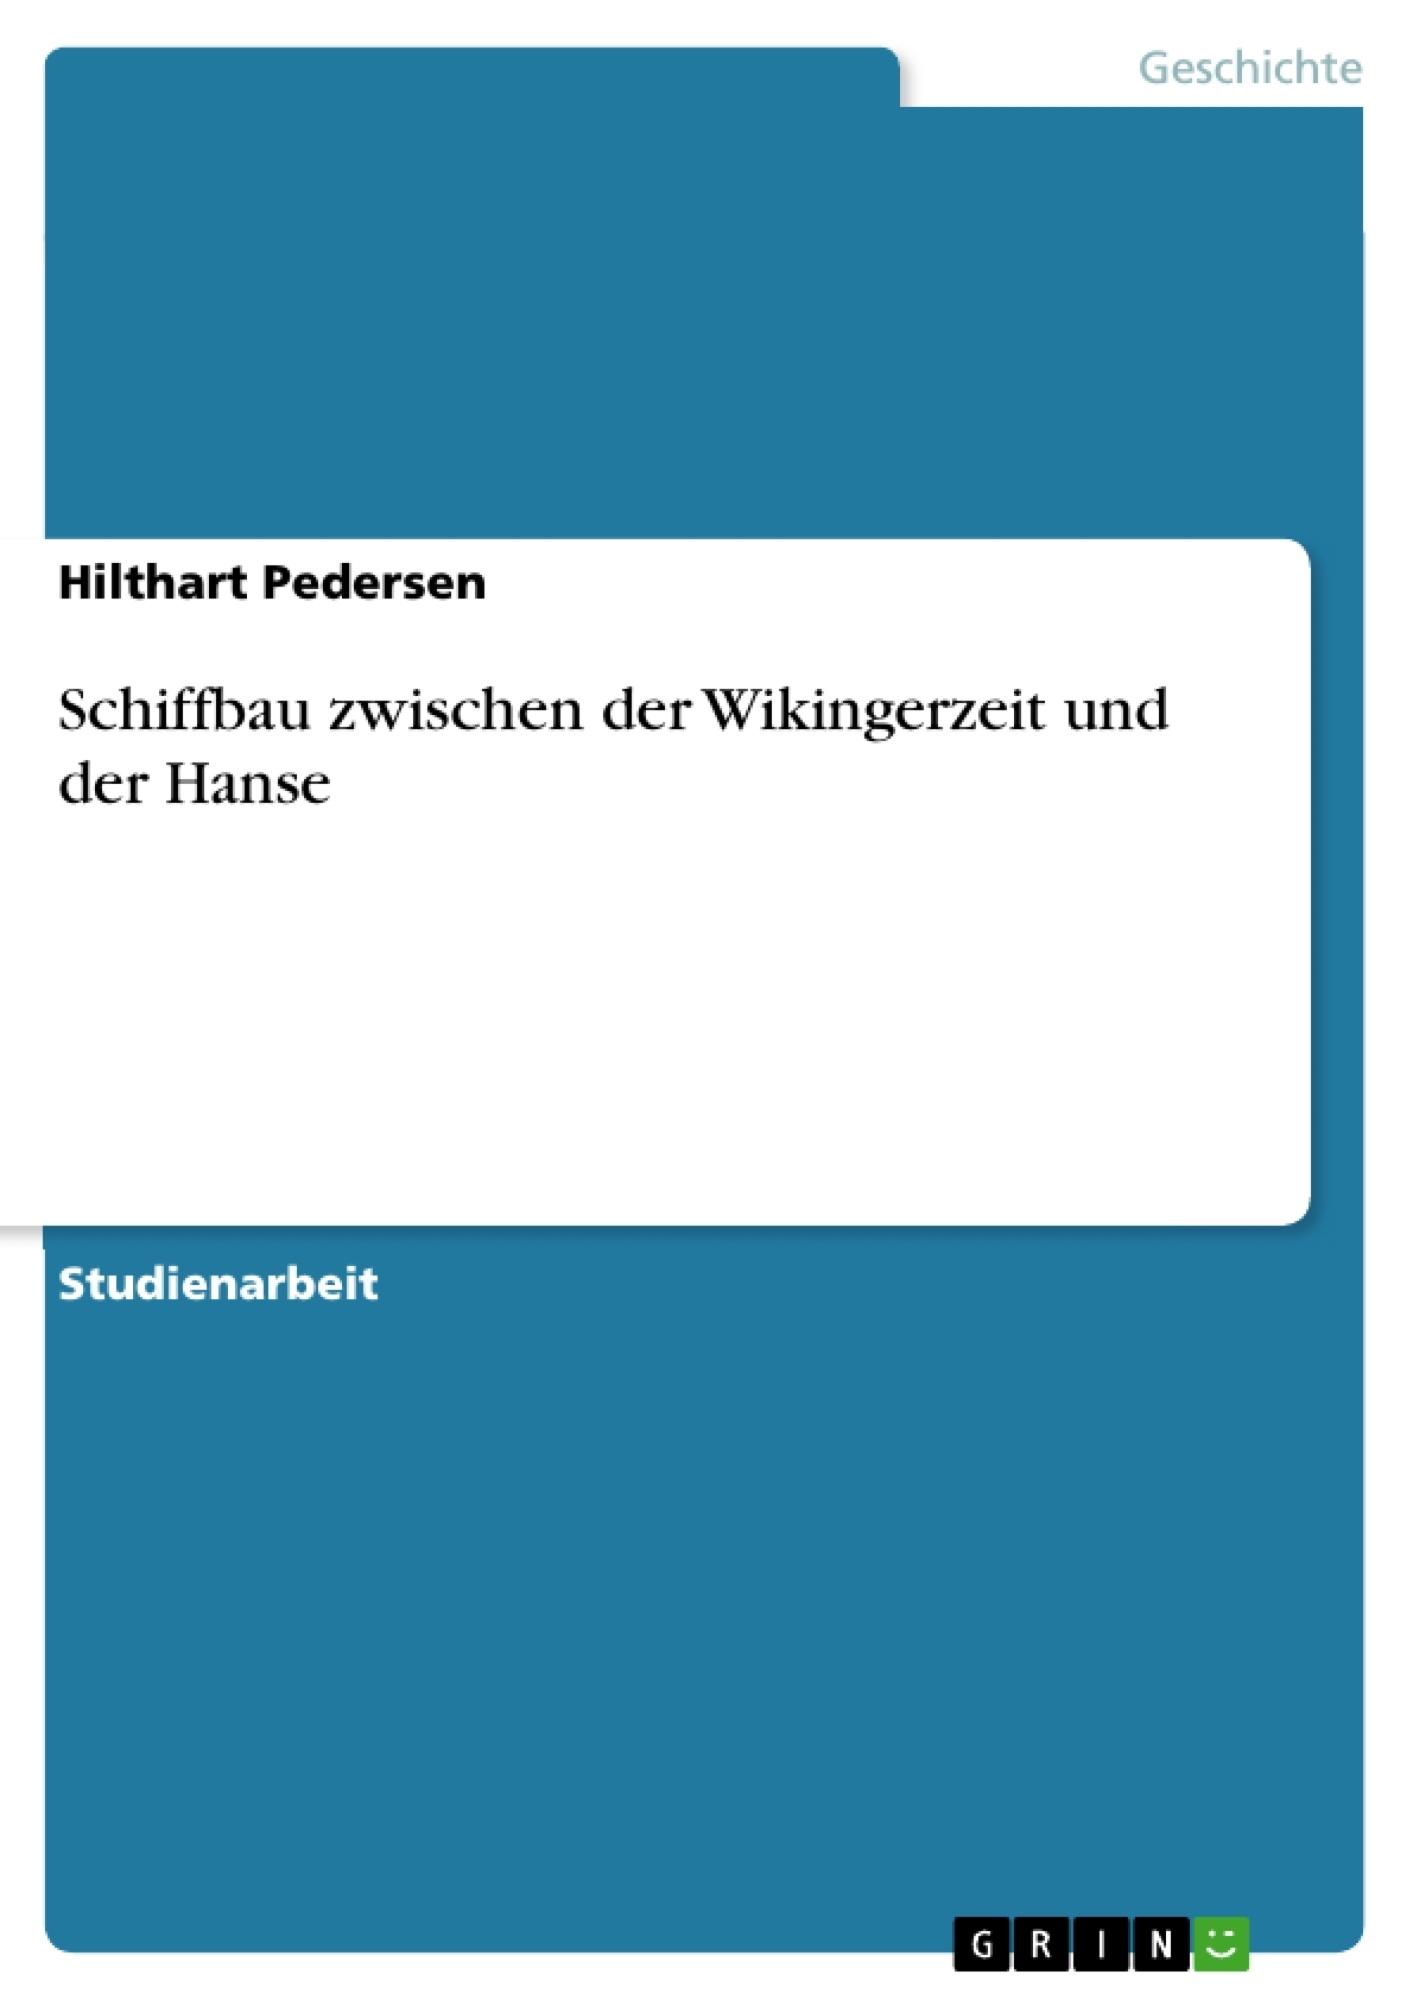 Titel: Schiffbau zwischen der Wikingerzeit und der Hanse